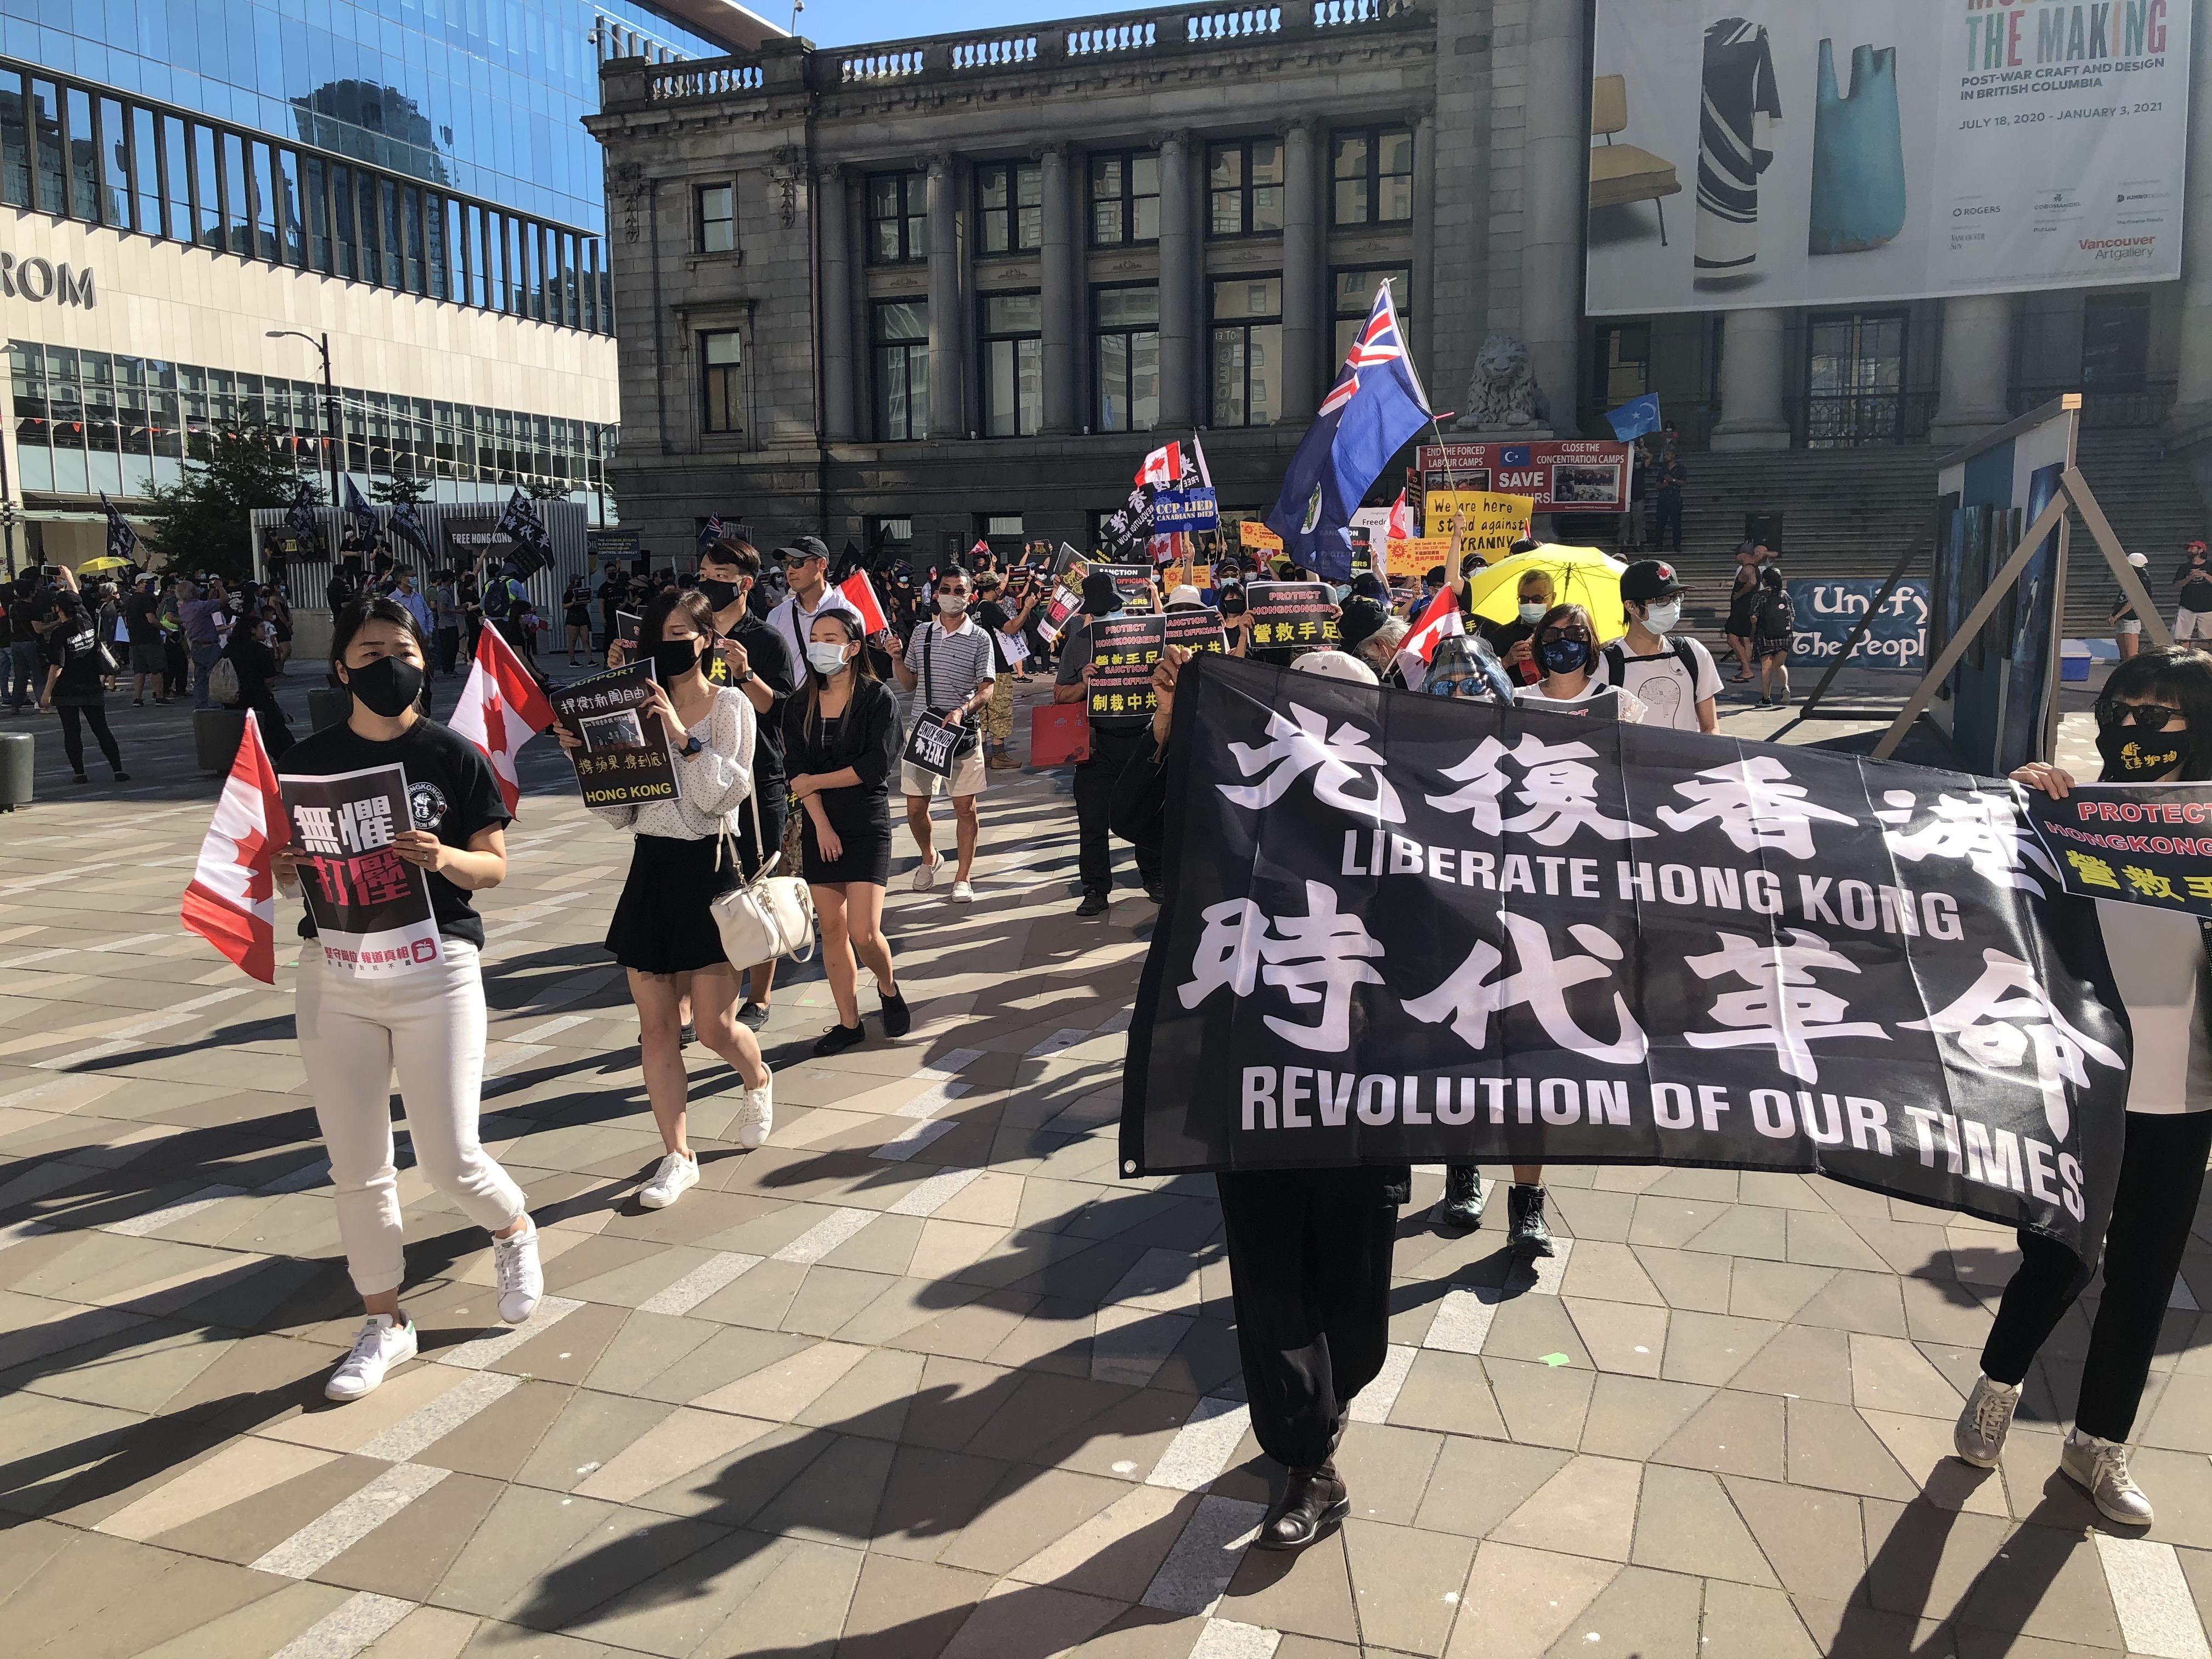 一位流亡加拿大的香港抗爭者:正義必勝